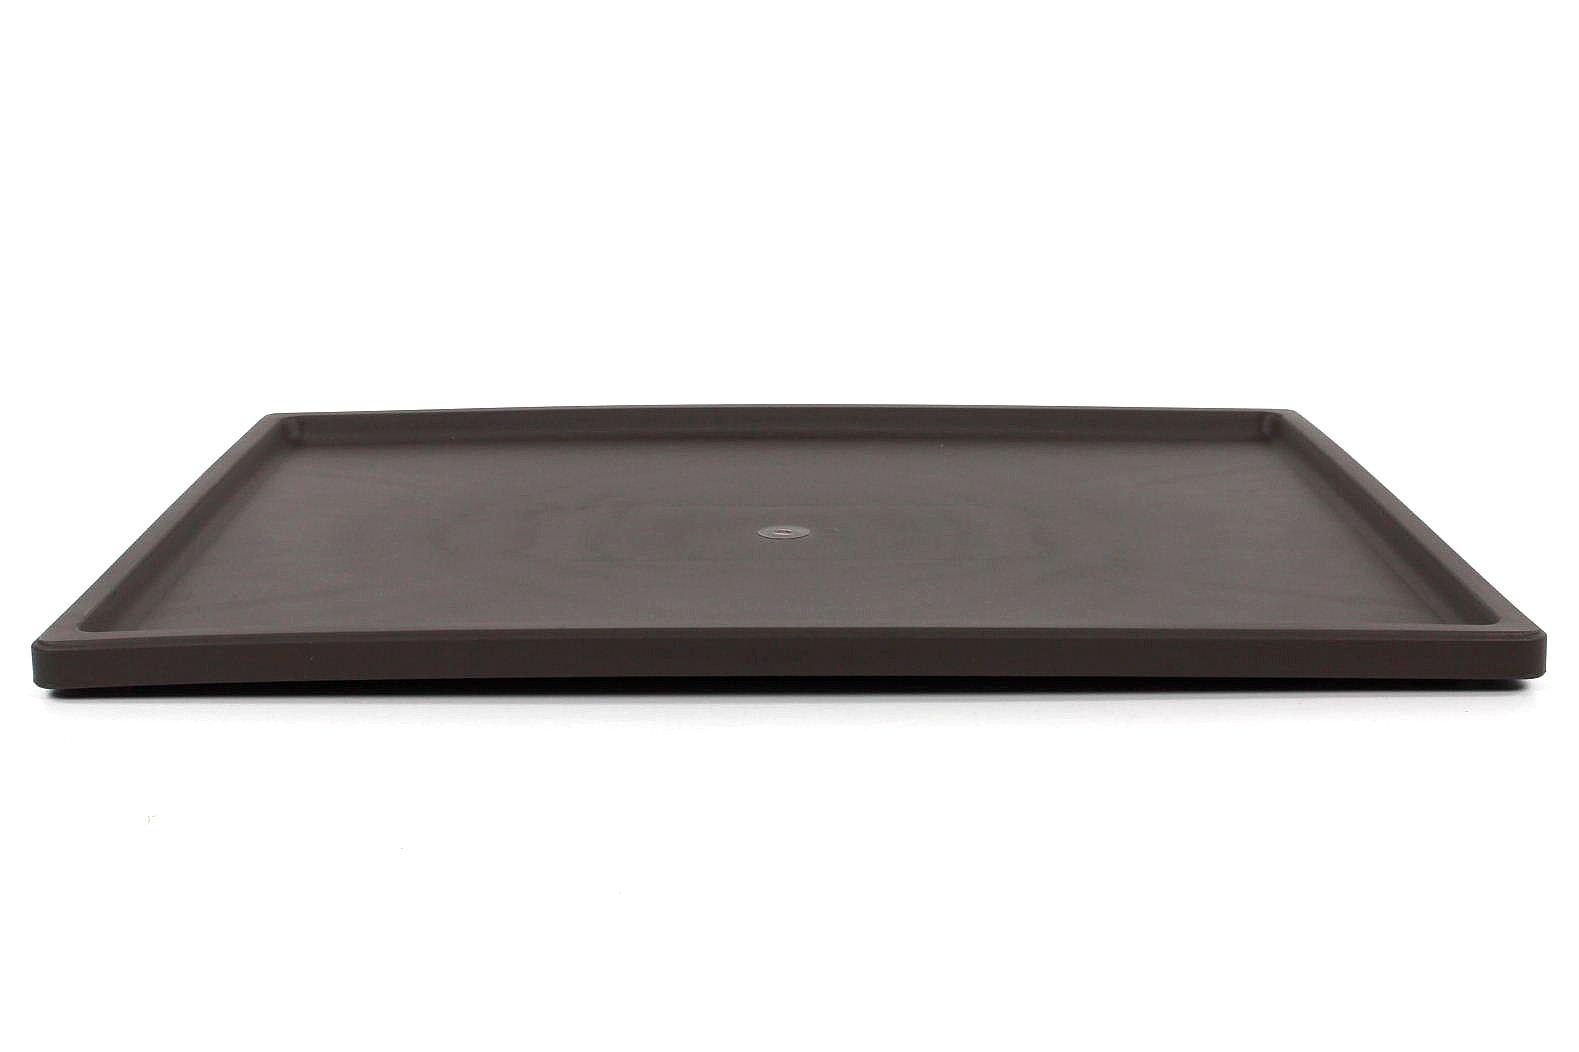 untersetzer braun 47x35x2 cm bei oyaki bonsai kaufen. Black Bedroom Furniture Sets. Home Design Ideas